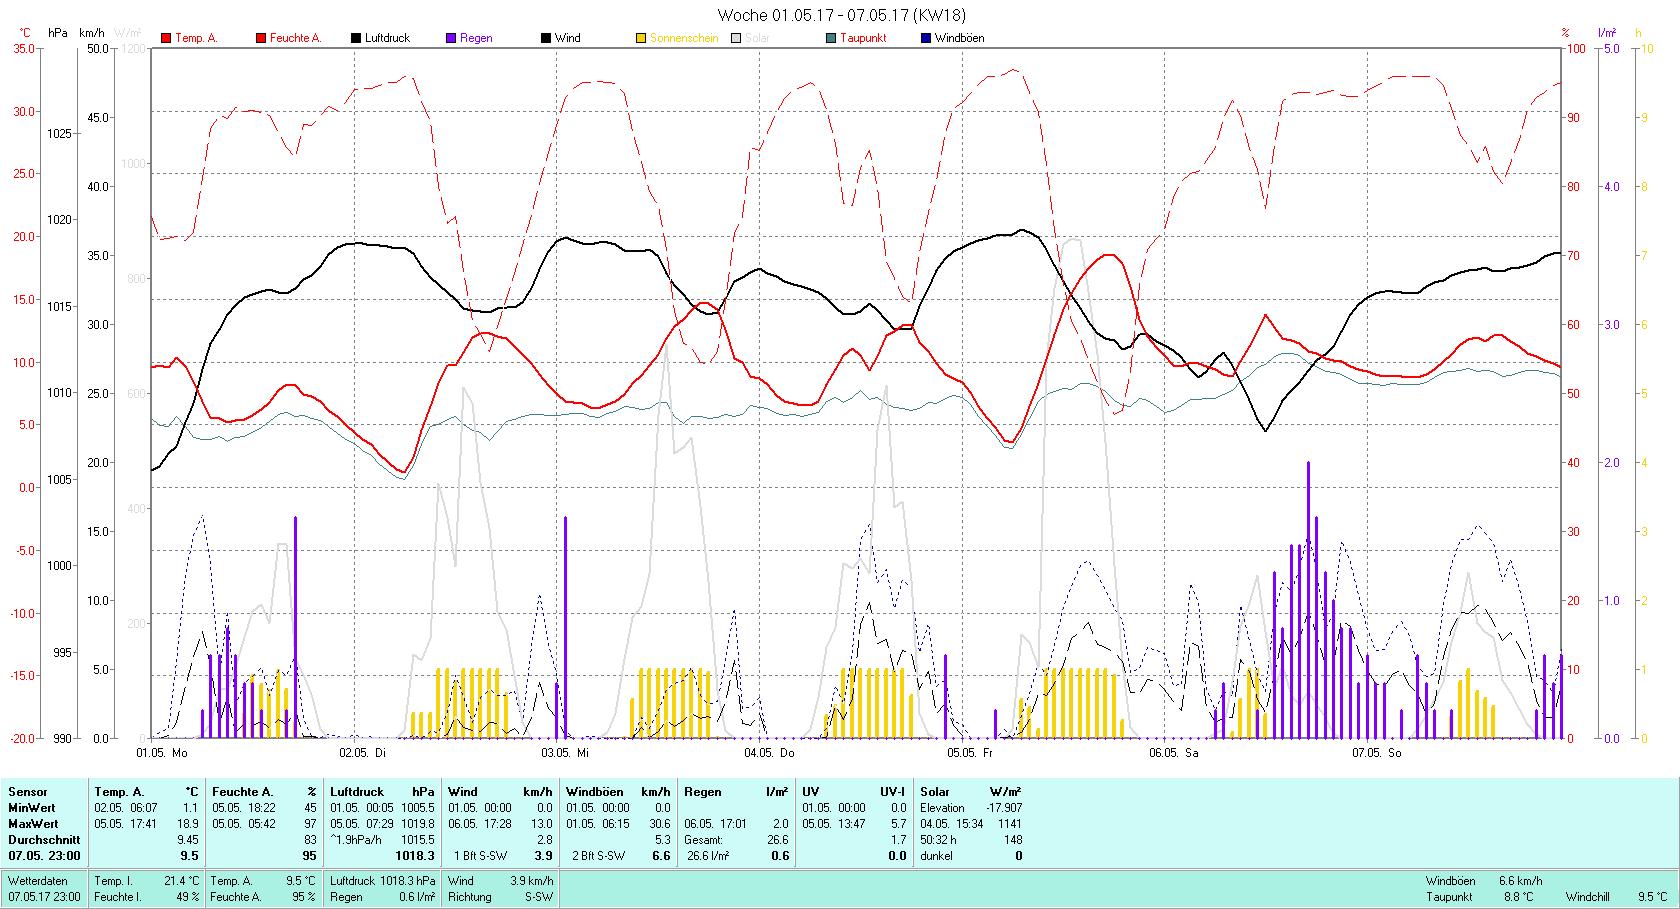 KW 18 Tmin 1.1°C, Tmax 18.9°C, Sonne 50:32h, Niederschlag 26.6mm/2